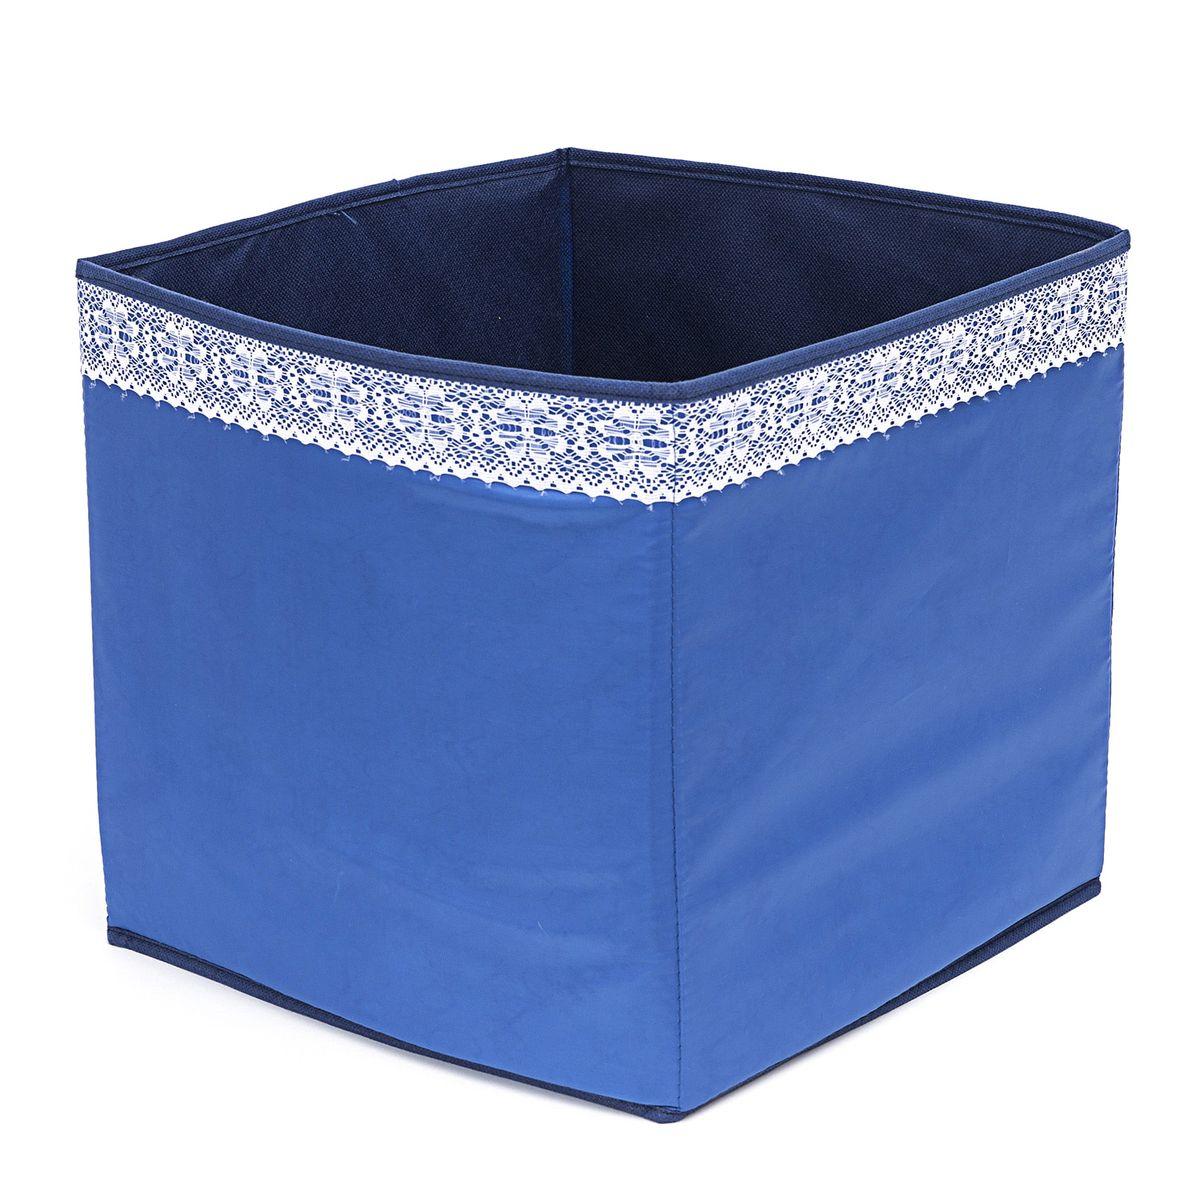 Кофр для хранения Homsu Winter, 32 х 32 х 32 смWHHH10-338Кофр для хранения Homsu Winter изготовлен из высококачественного нетканого полотна и декорирован вставкой из кружева. Кофр имеет одно большое отделение, где вы можете хранить различные бытовые вещи, нижнее белье, одежду и многое другое. Вставки из картона обеспечивают прочность конструкции. Стильный принт, модный цвет и качество исполнения сделают такой кофр незаменимым для хранения ваших вещей.